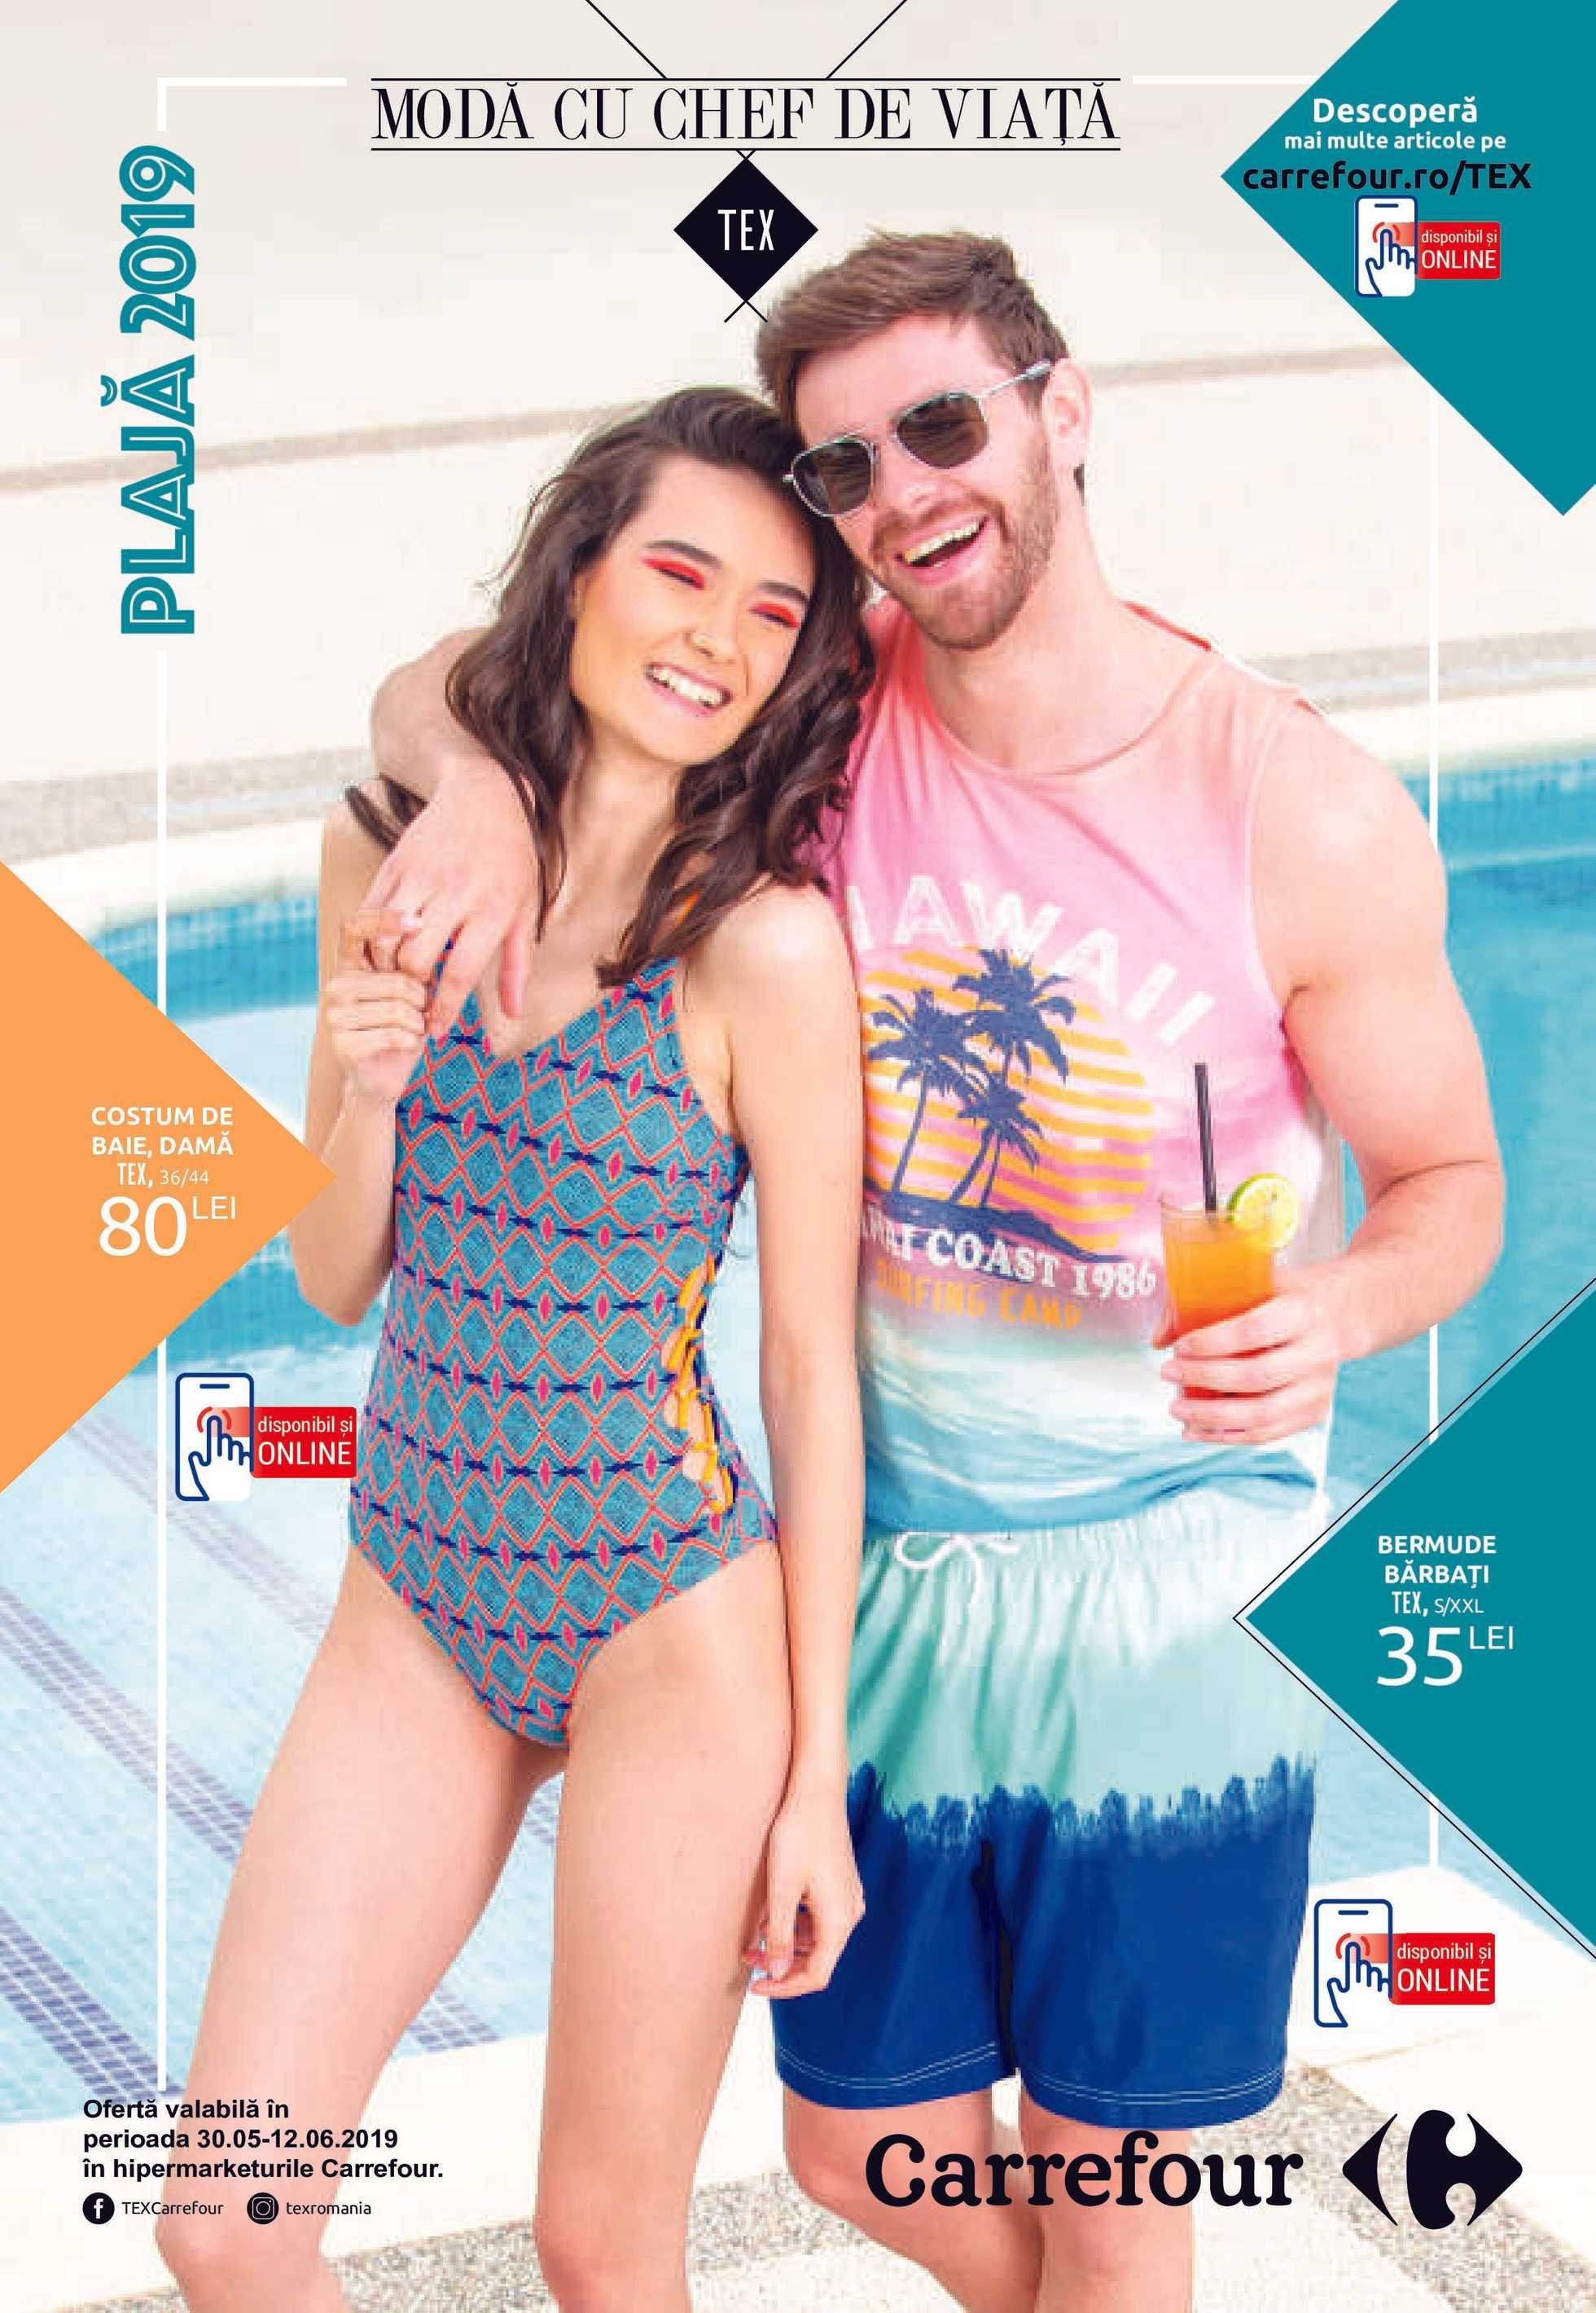 Carrefour - promo începând de la 30.05.2019 până la 12.06.2019 - pagină 1.